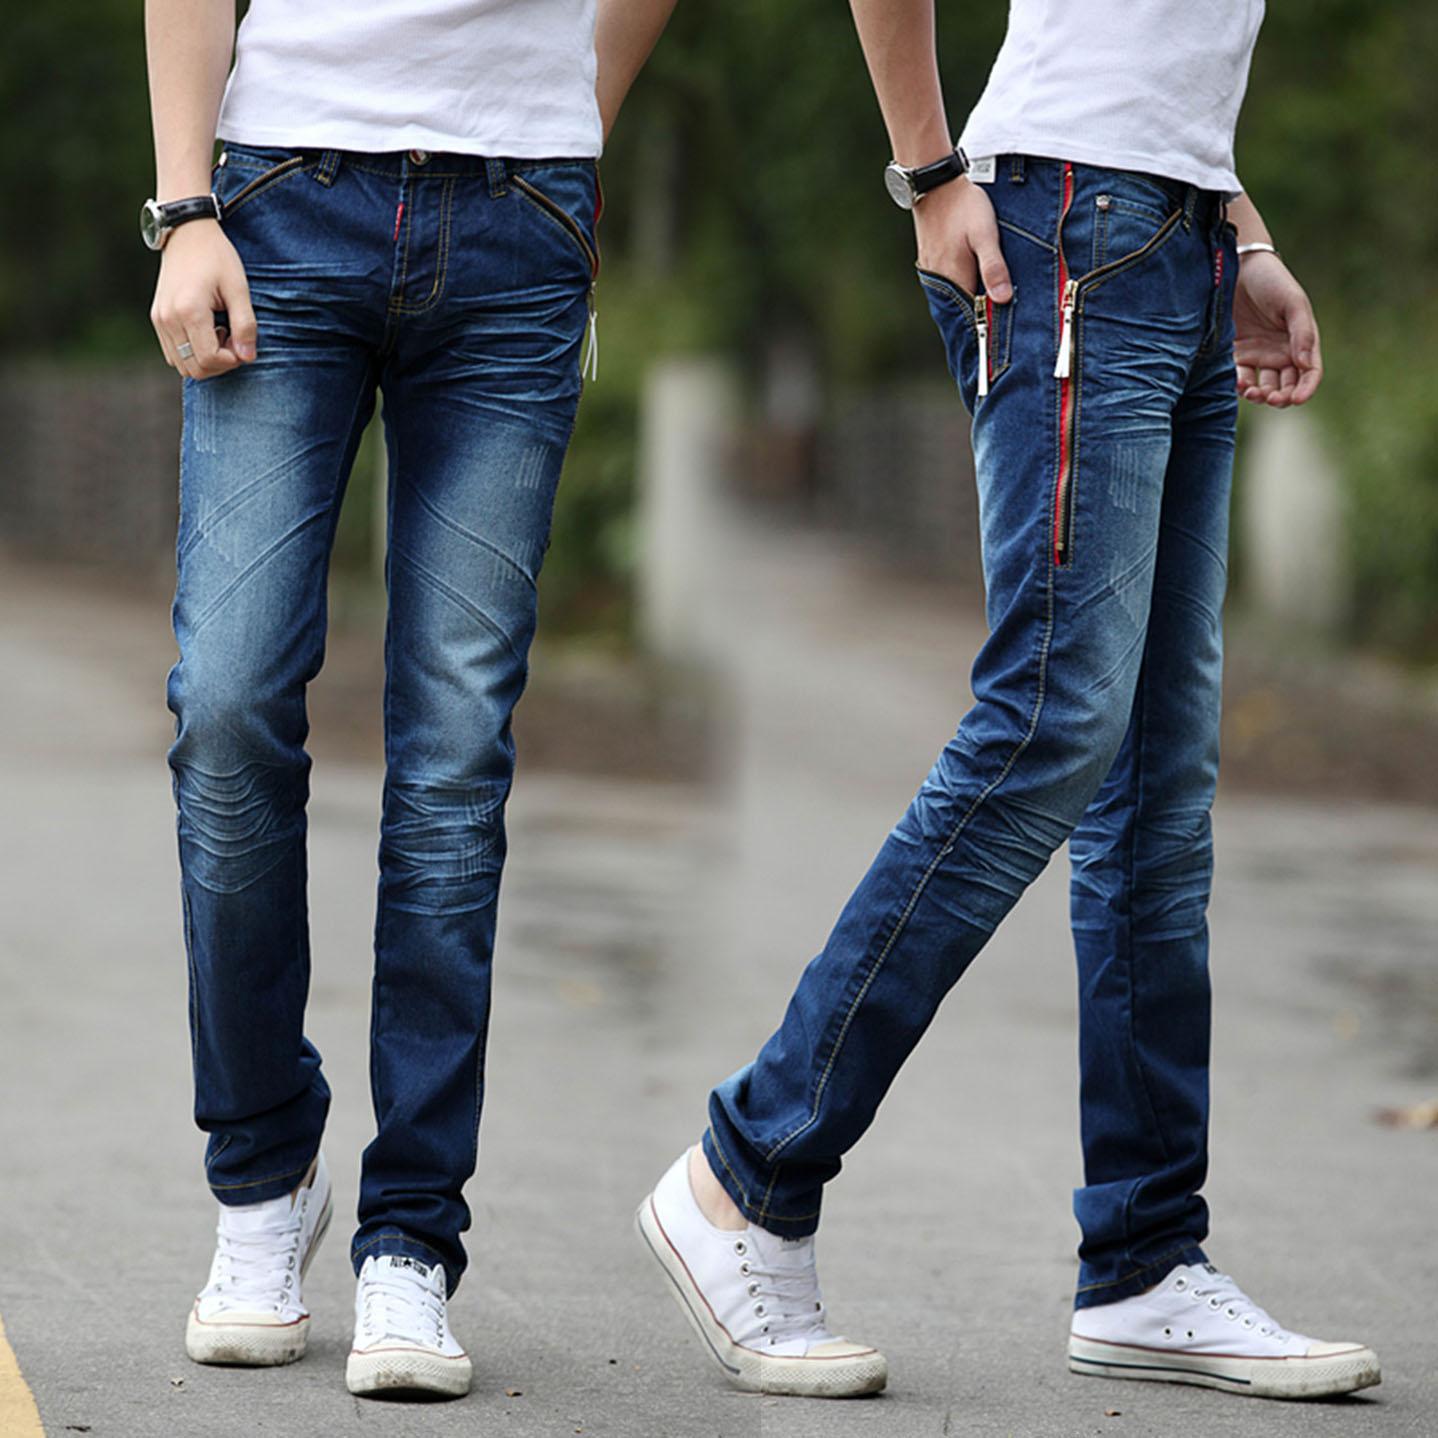 Осень/зима мужчин slim джинсы прямые мужчин длинные брюки тренд осени популярных молодых корейских молодежной НЗК